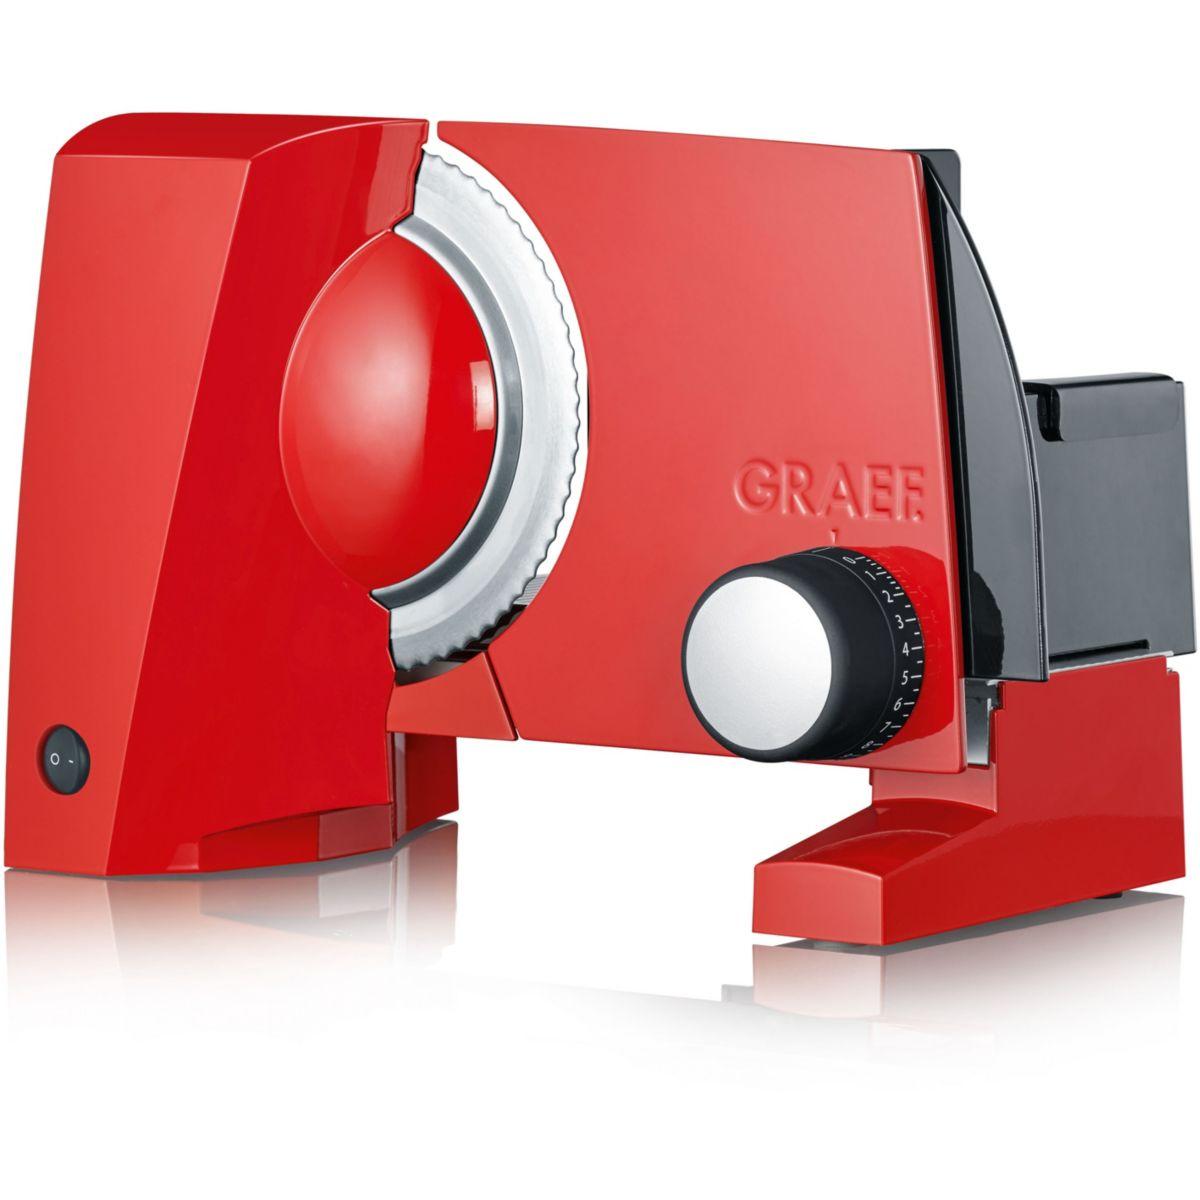 Trancheuse électrique GRAEF SKS100 Rouge